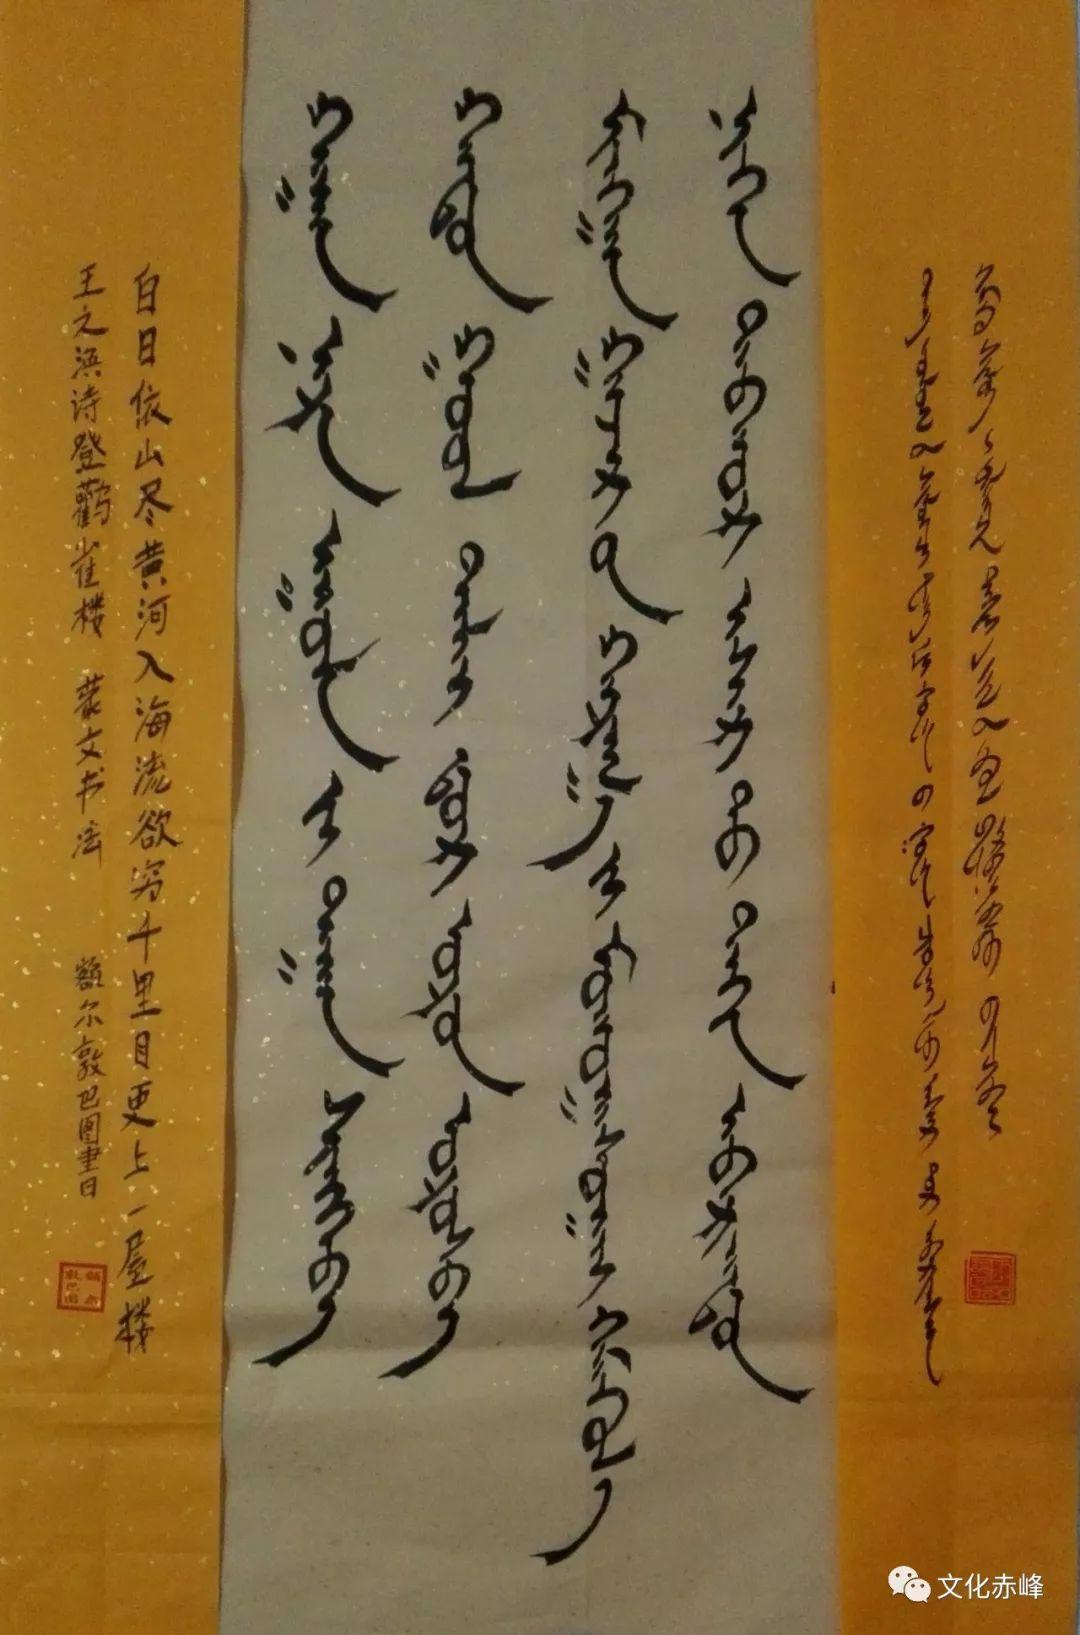 【文化赤峰】额尔敦巴图蒙古文书法作品欣赏! 第11张